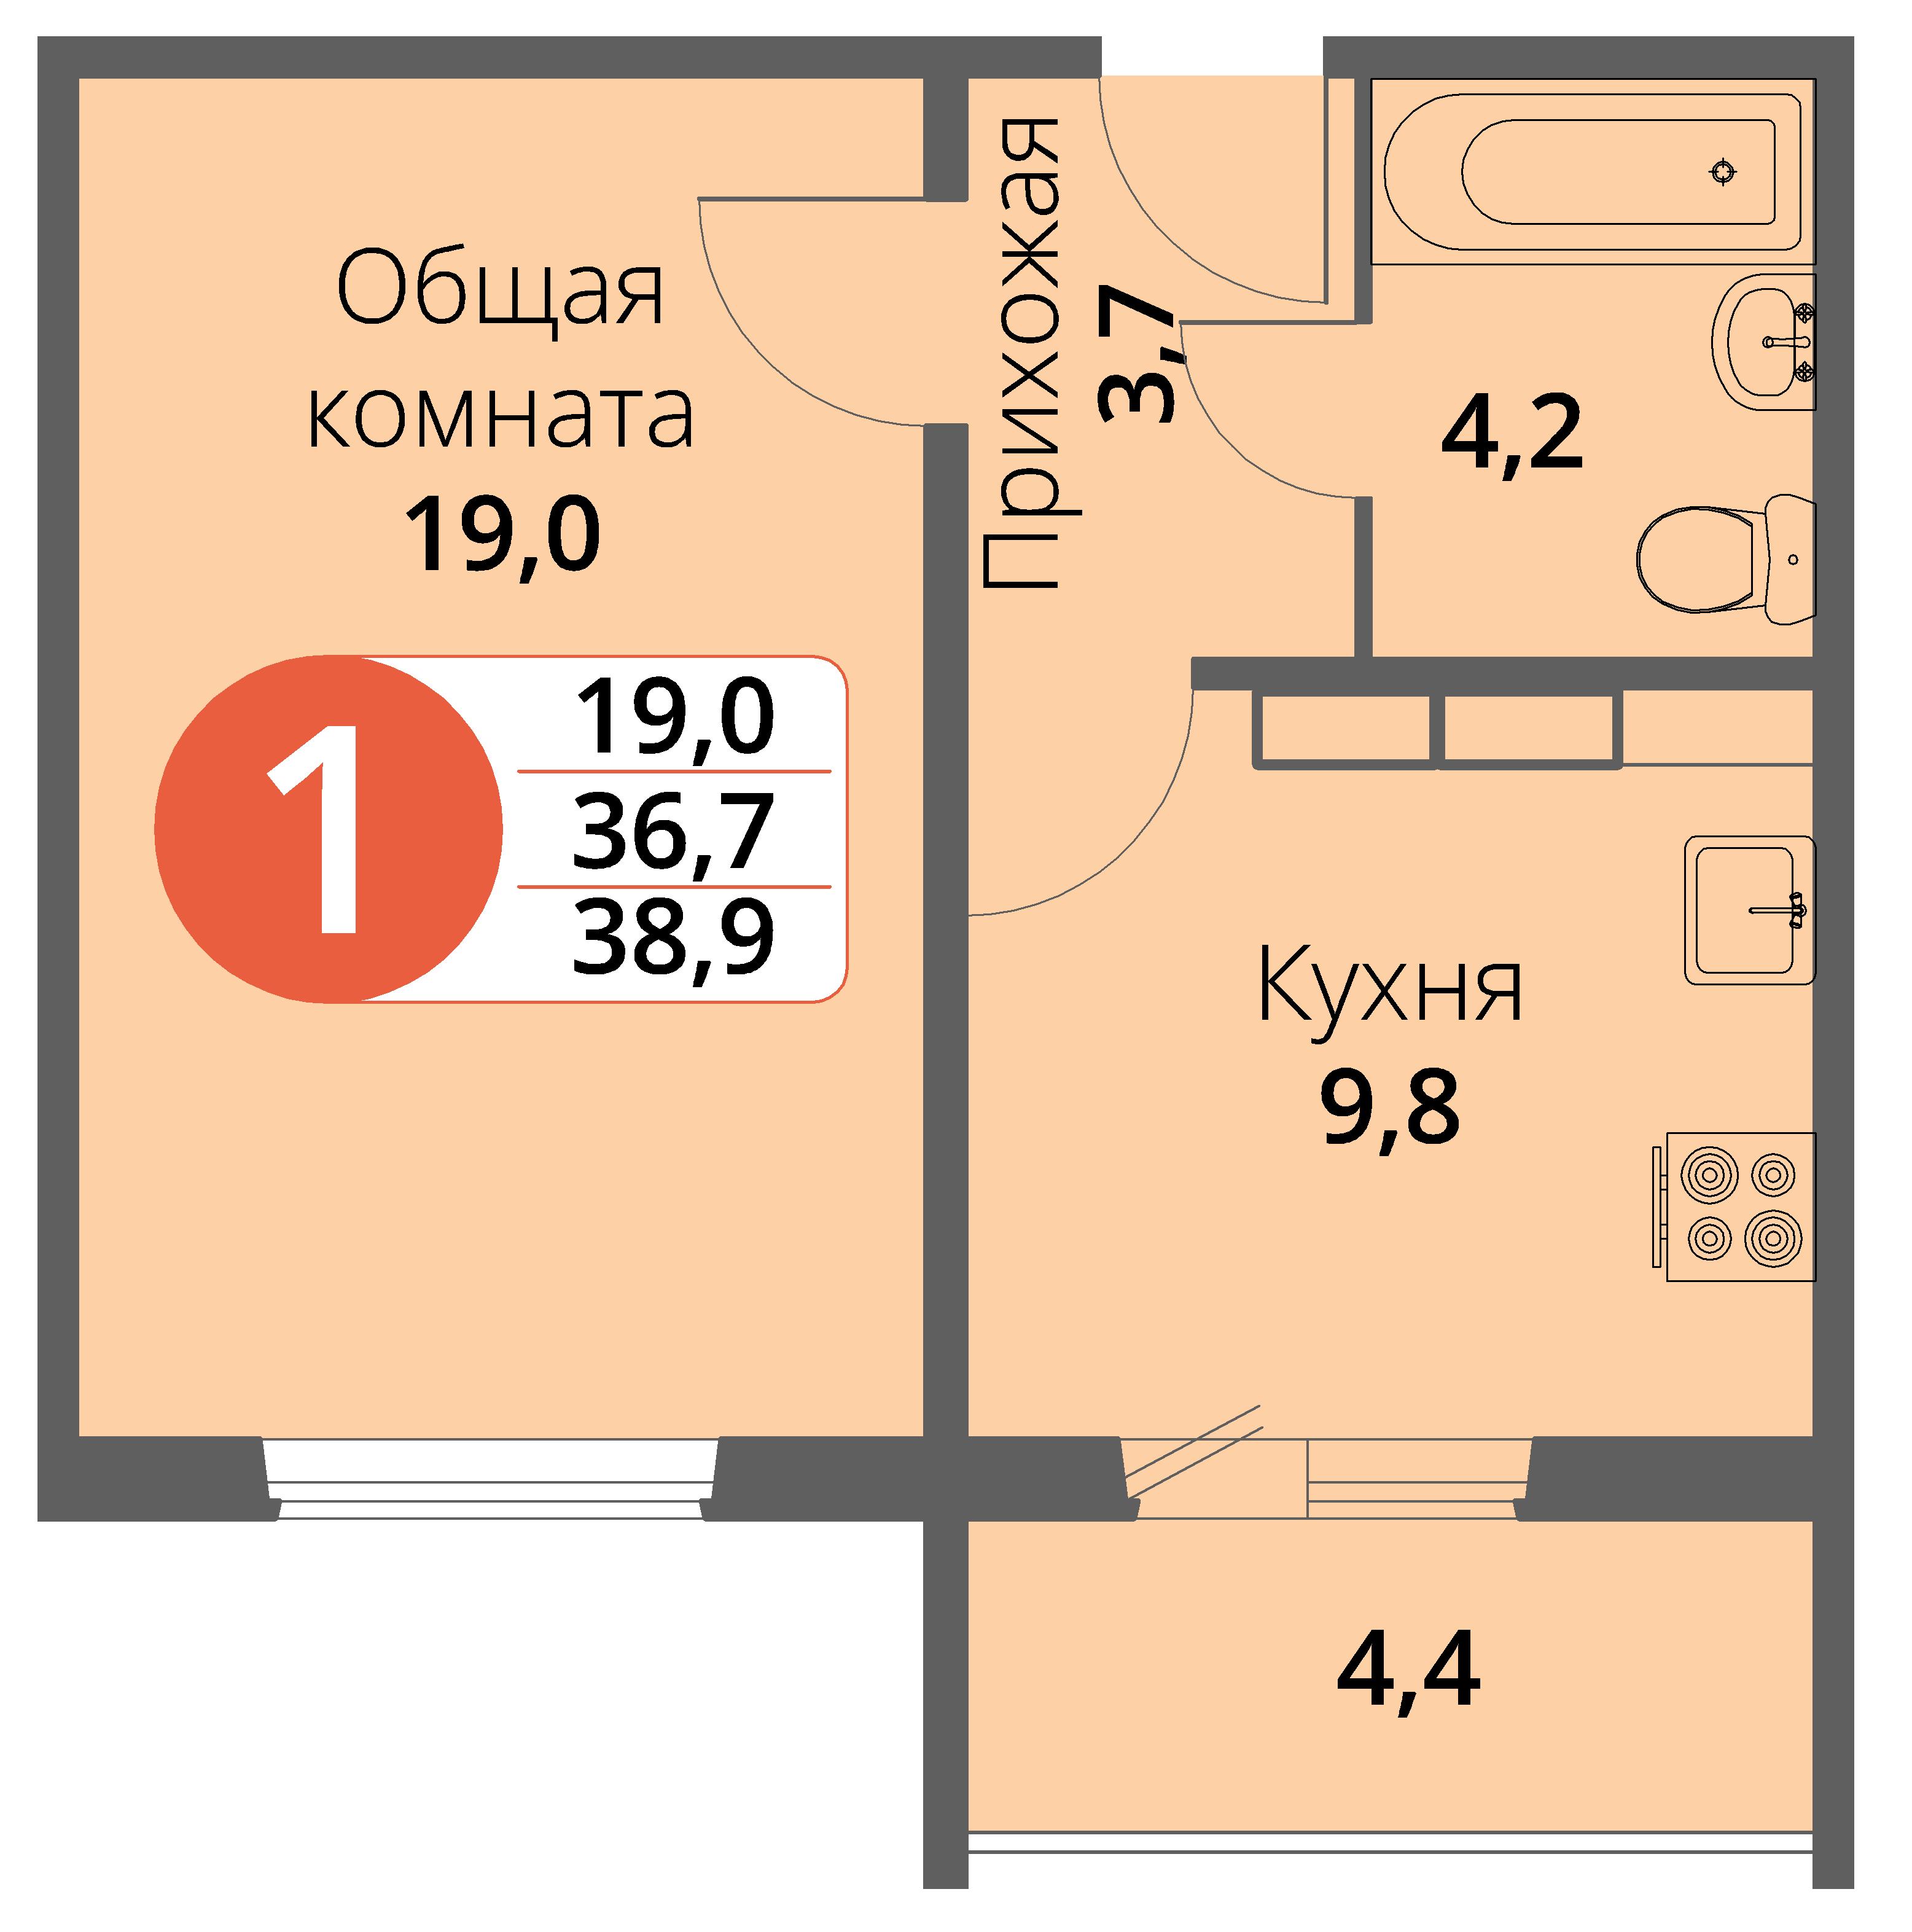 Зареченская 1-2, квартира 114 - Однокомнатная